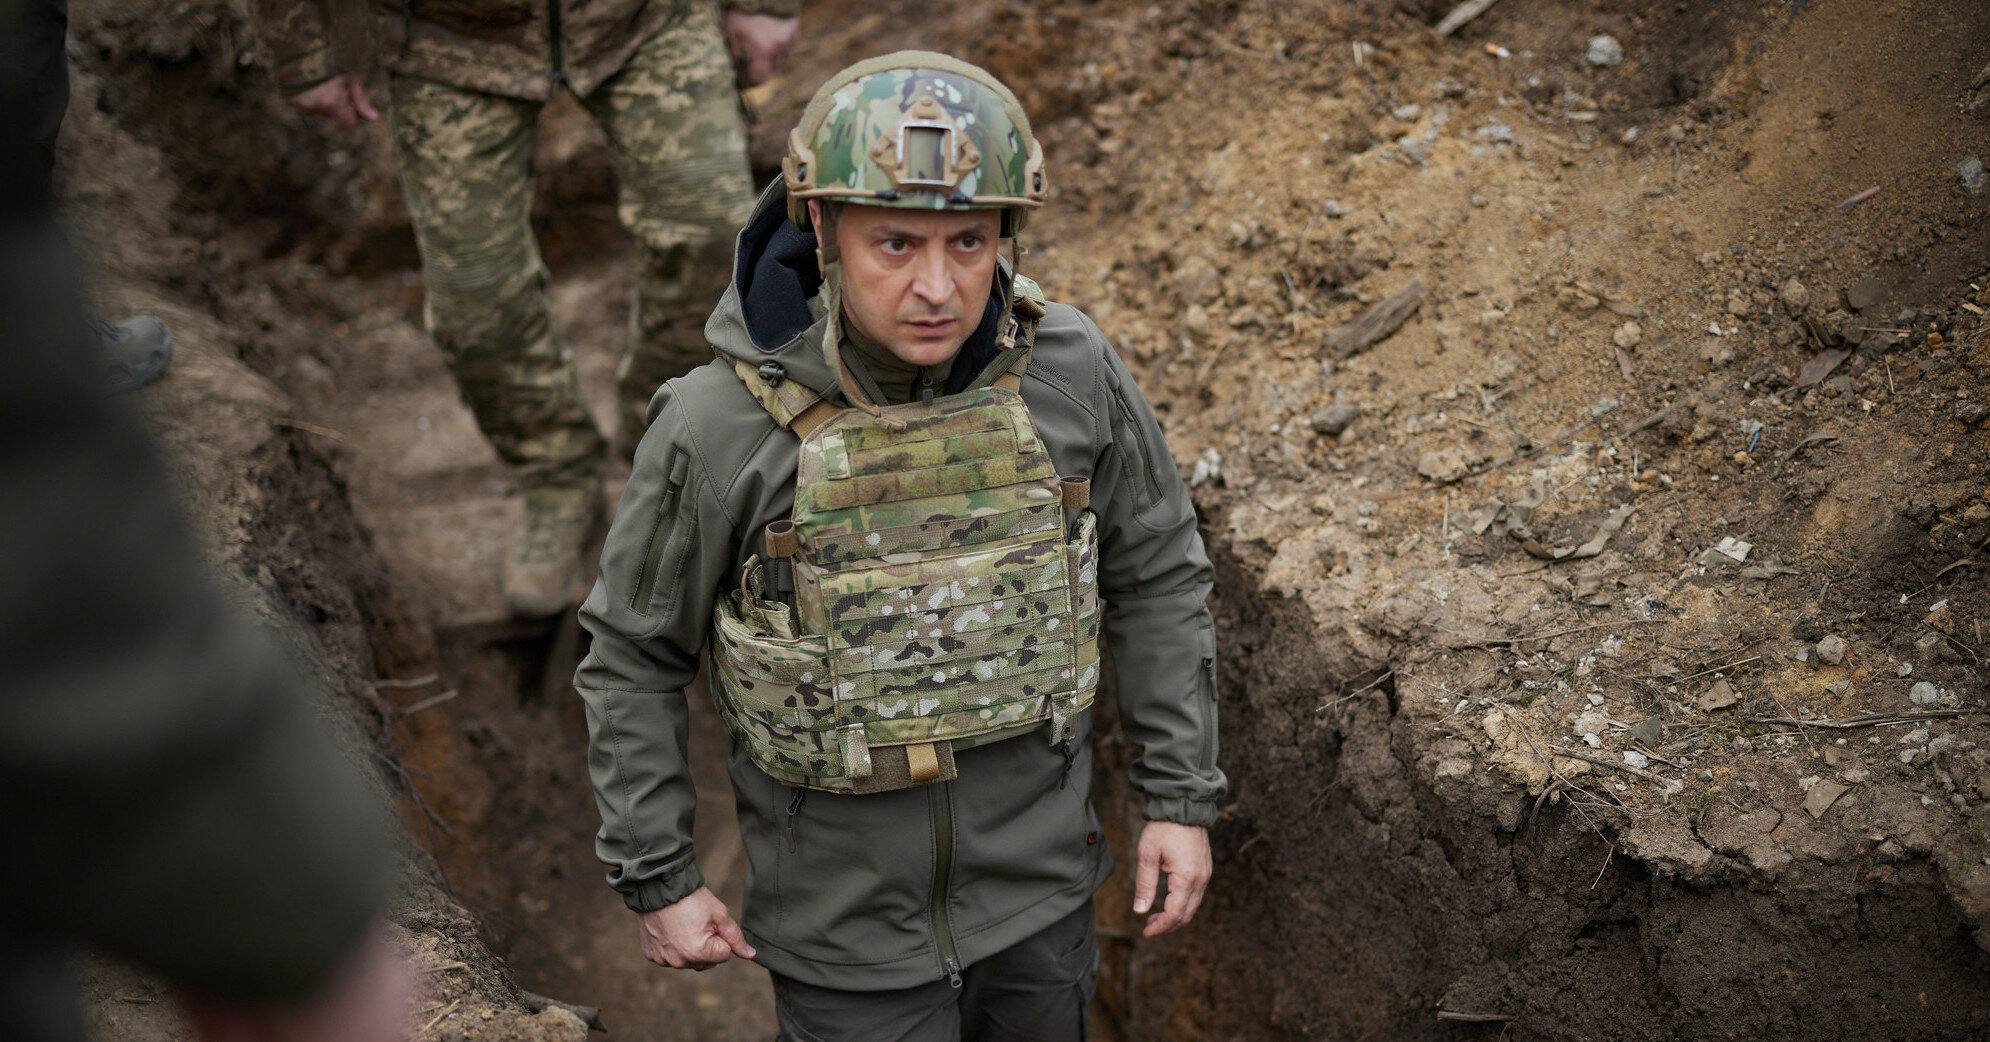 Зеленский прибыл в Донецкую область: отправится на передовую